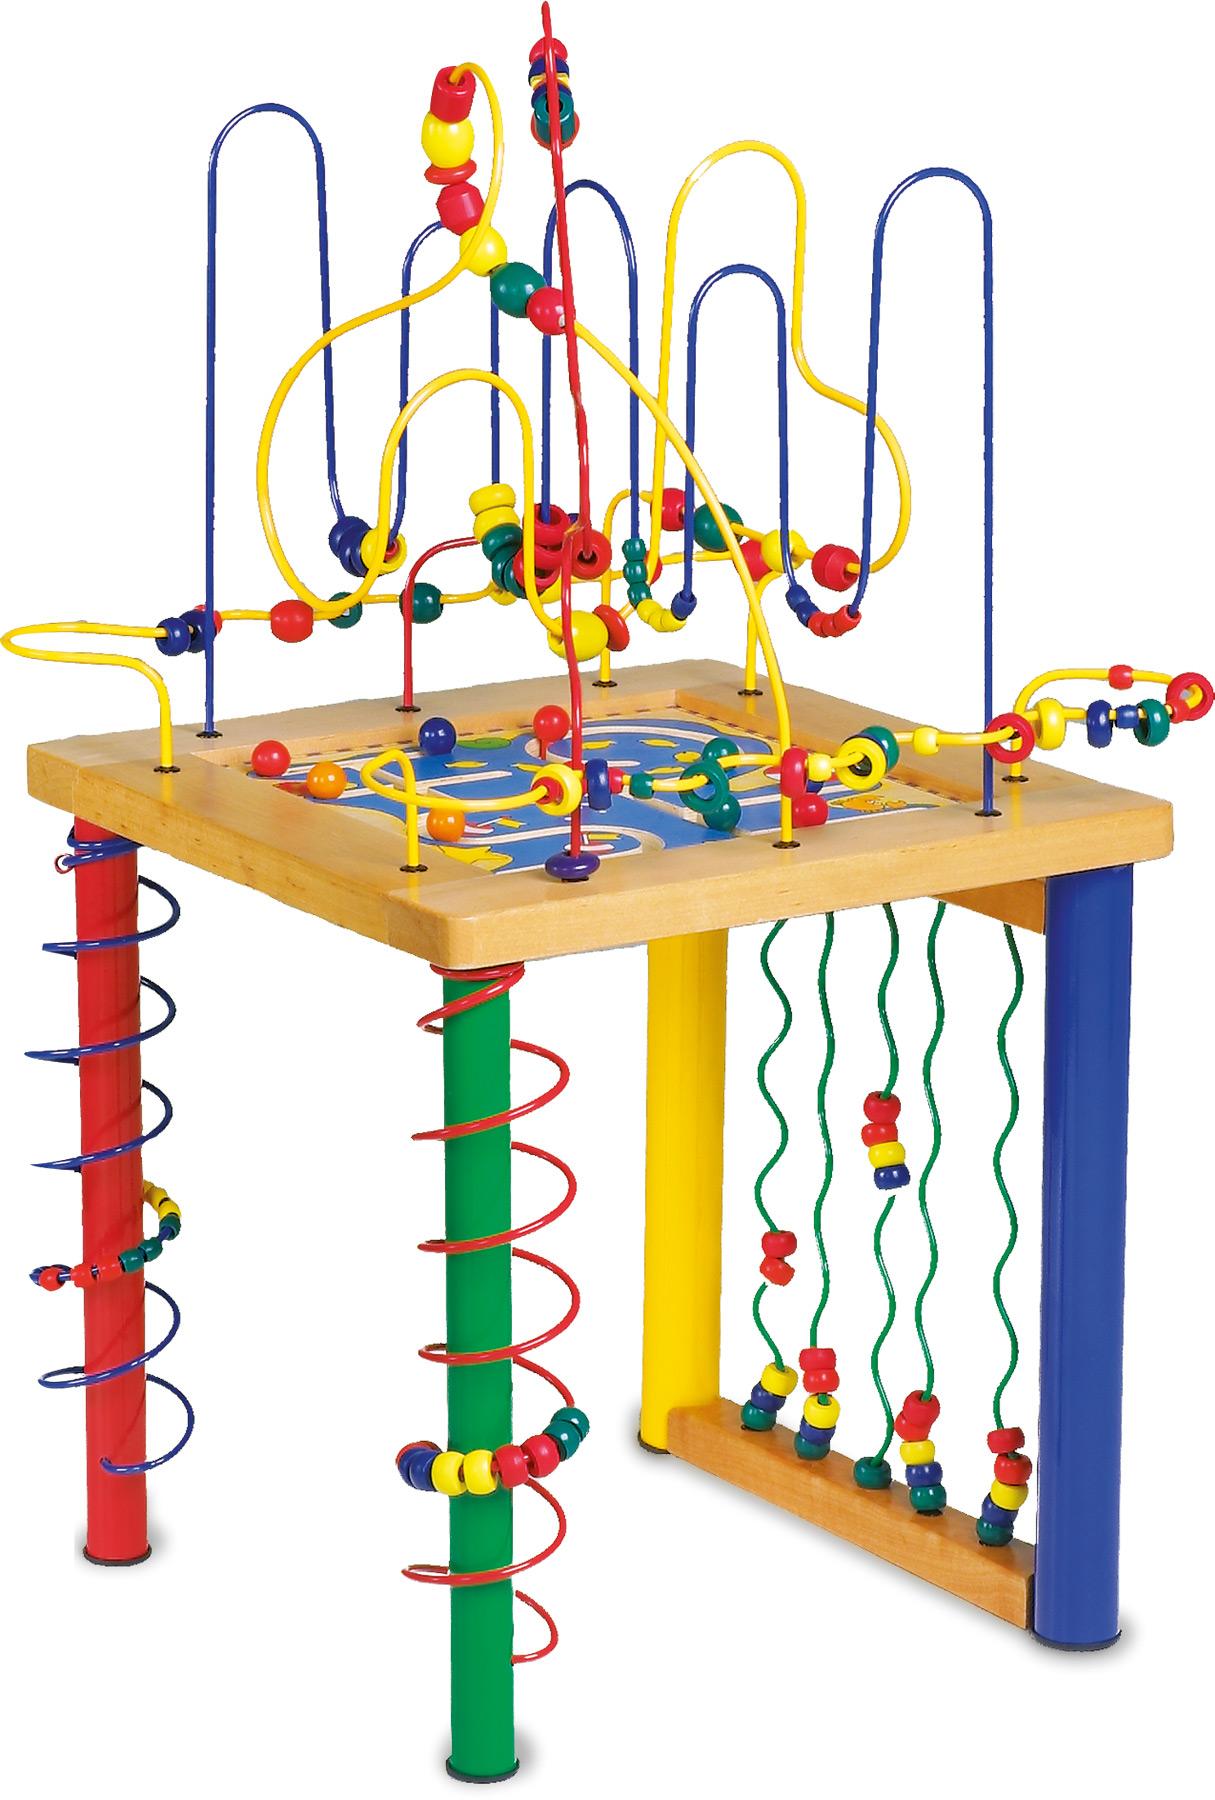 Circuit de motricit table de jeu - Table circuit ...